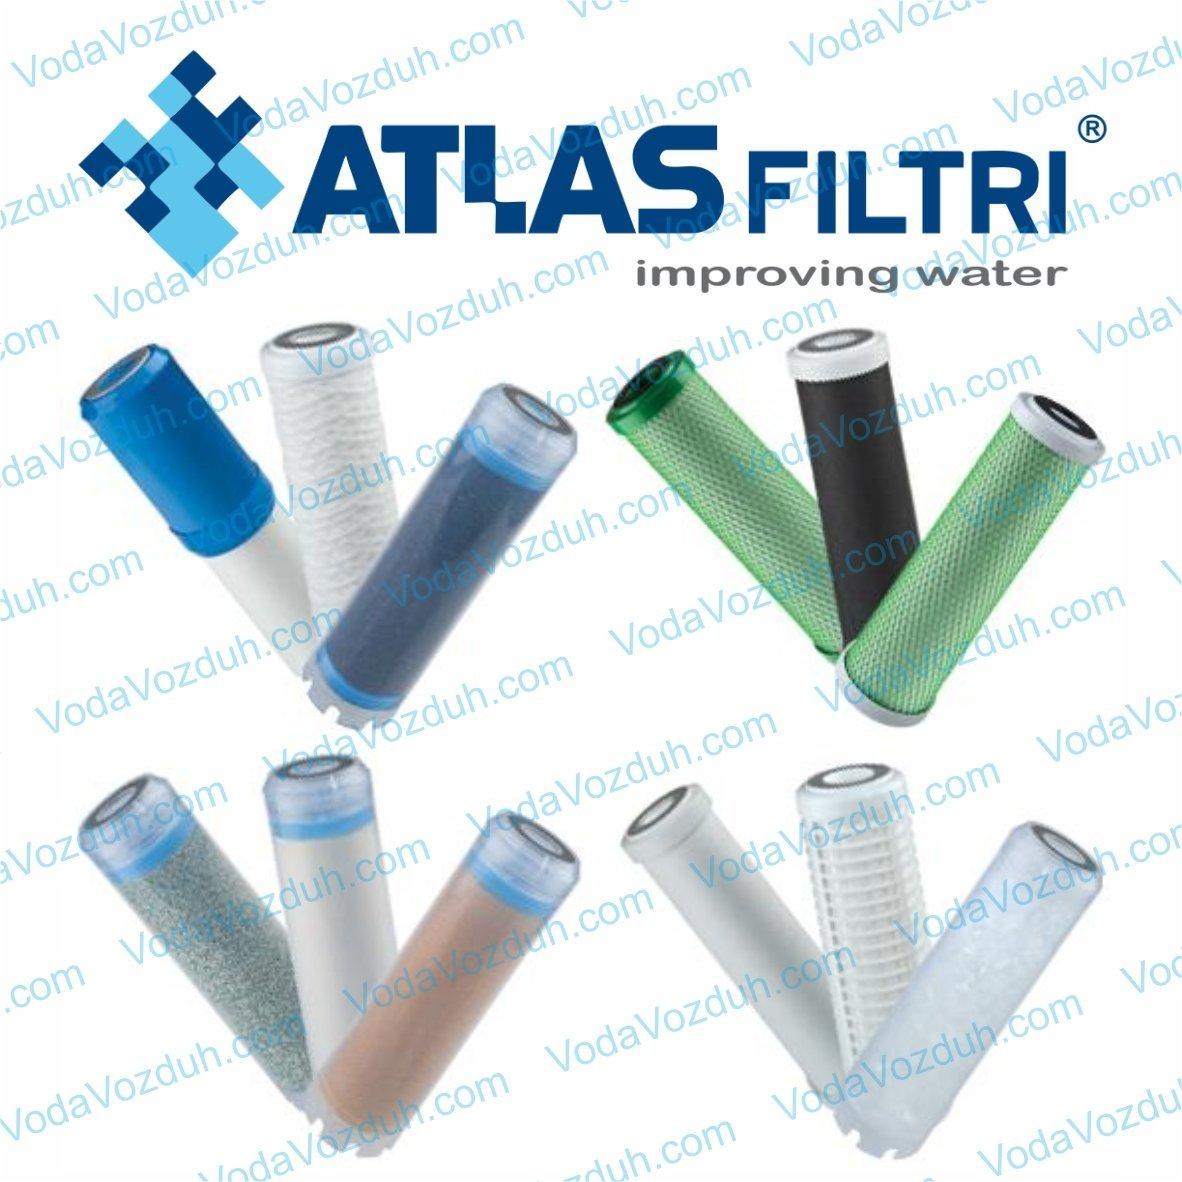 сменные картриджи ATLAS filtri  стандарта Slim 10 к фильтрам для воды